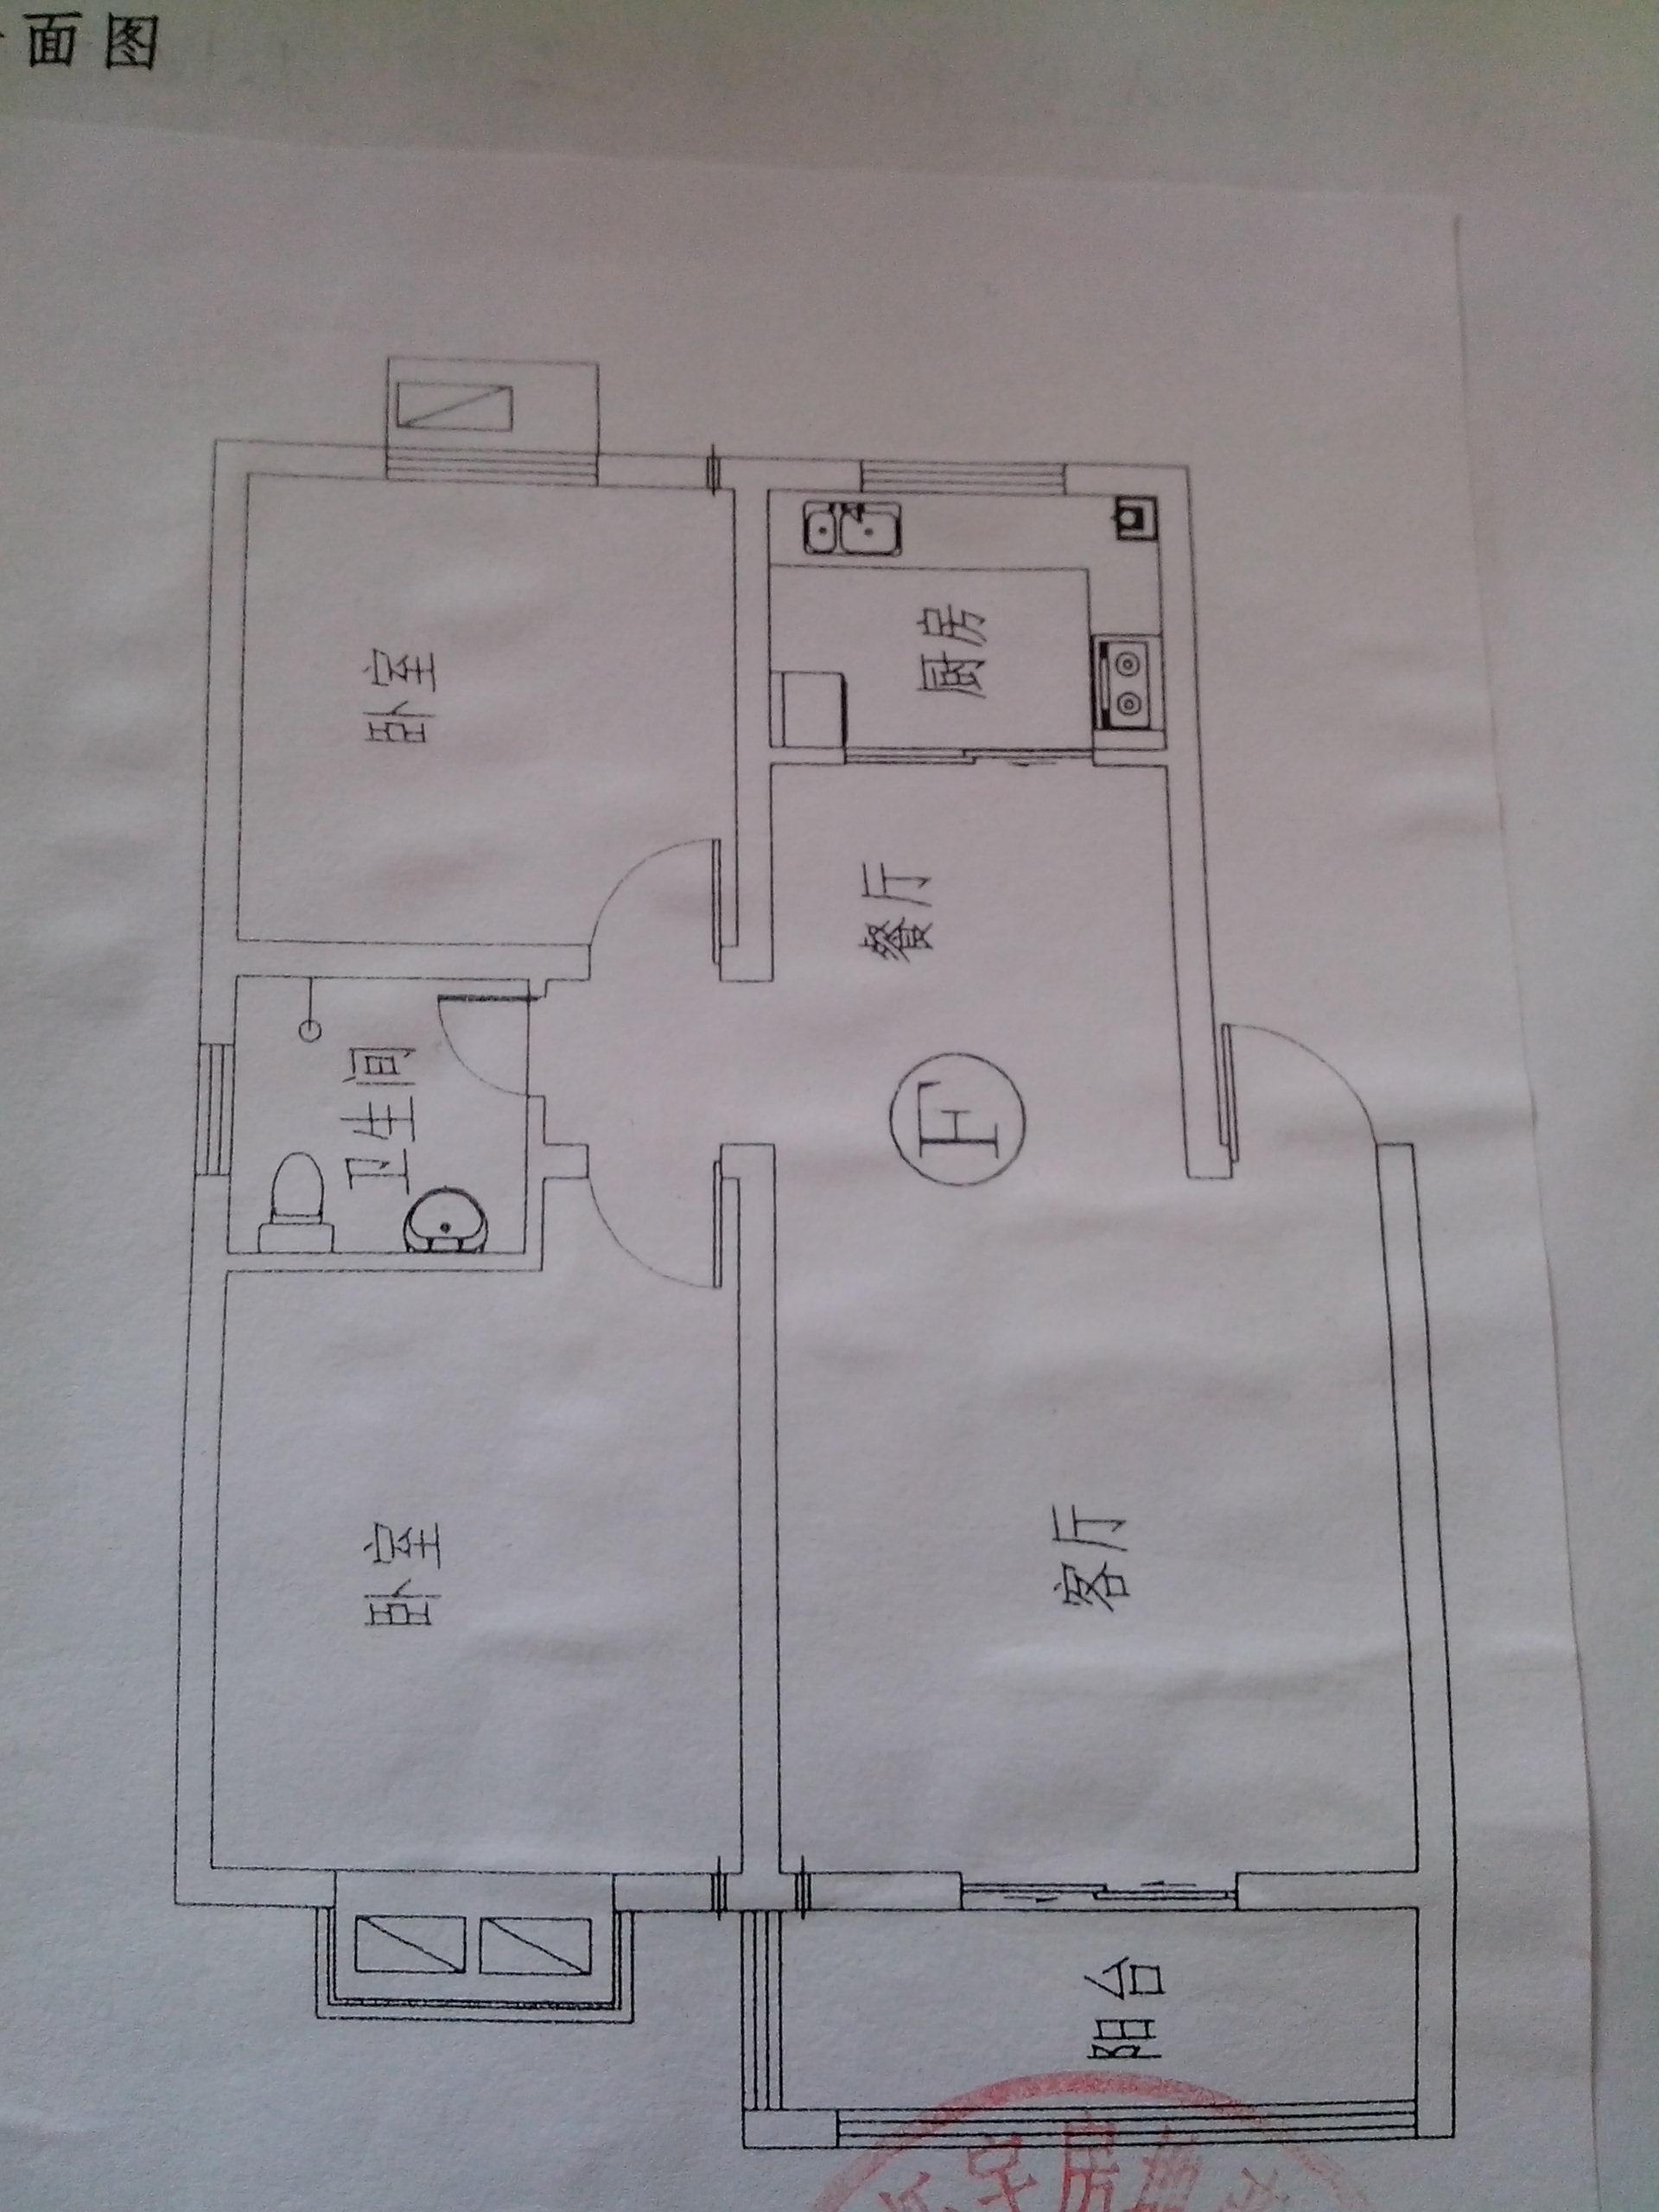 95平方商品房怎么把两室两厅改成三室一厅,平面图如下